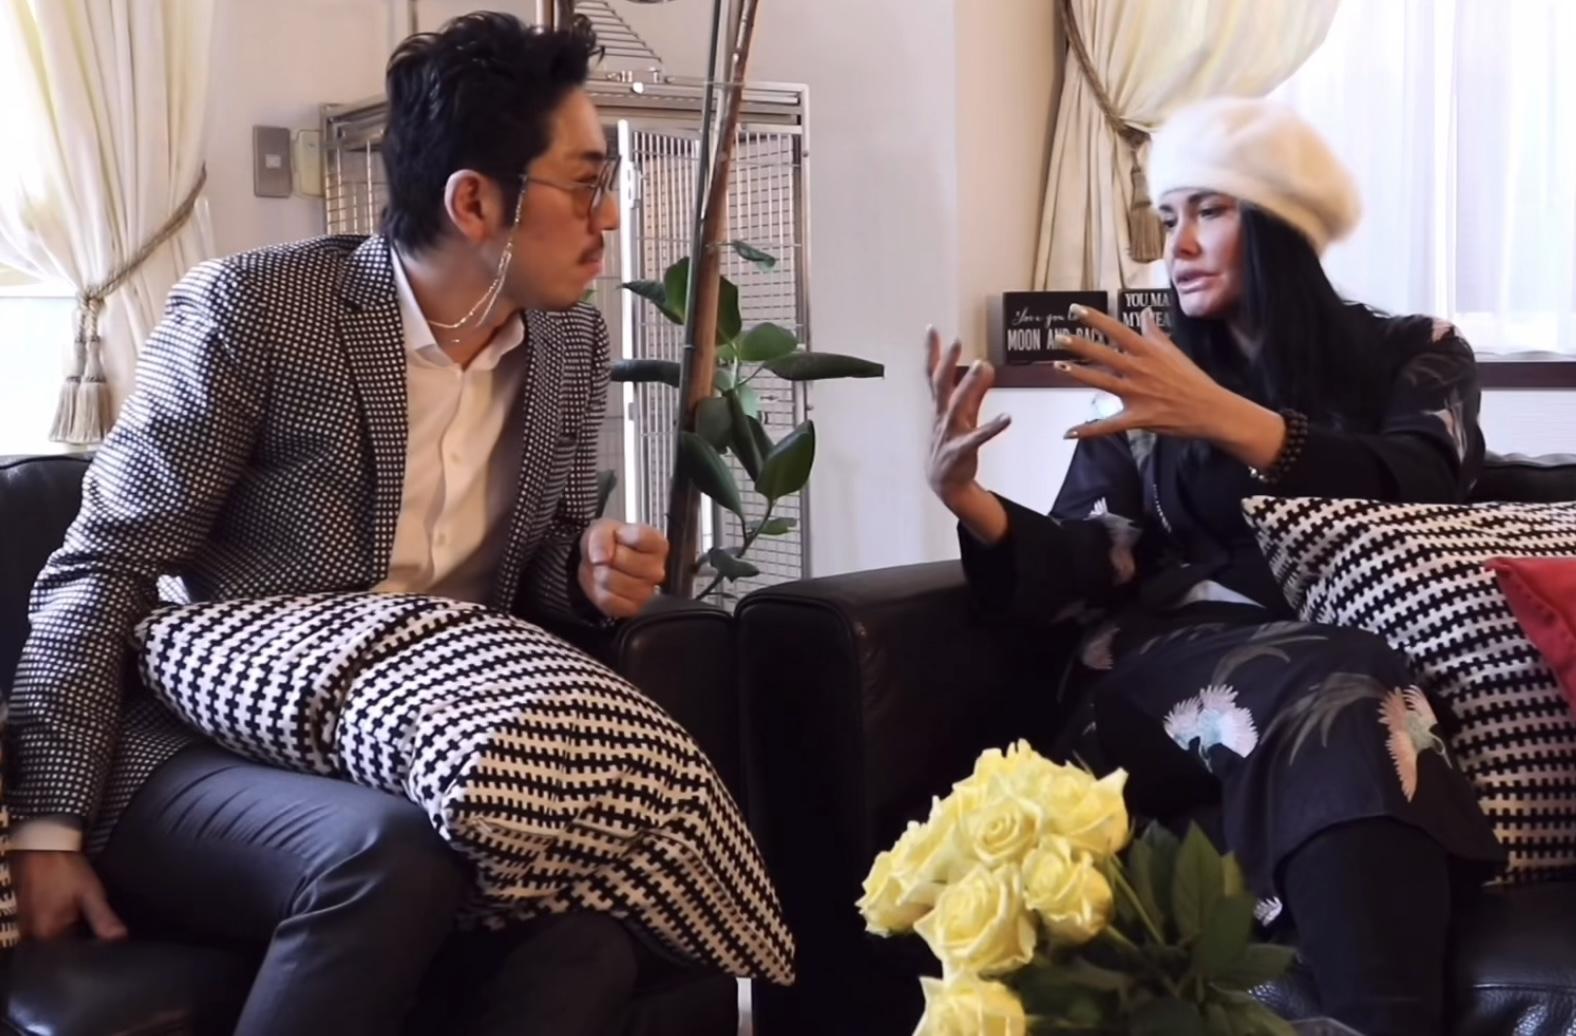 外国人タレントのカイヤとDr.ピエールが、セックス依存症、不倫などのタブーに切り込むYouTubeチャンネル「In the House」をスタート!